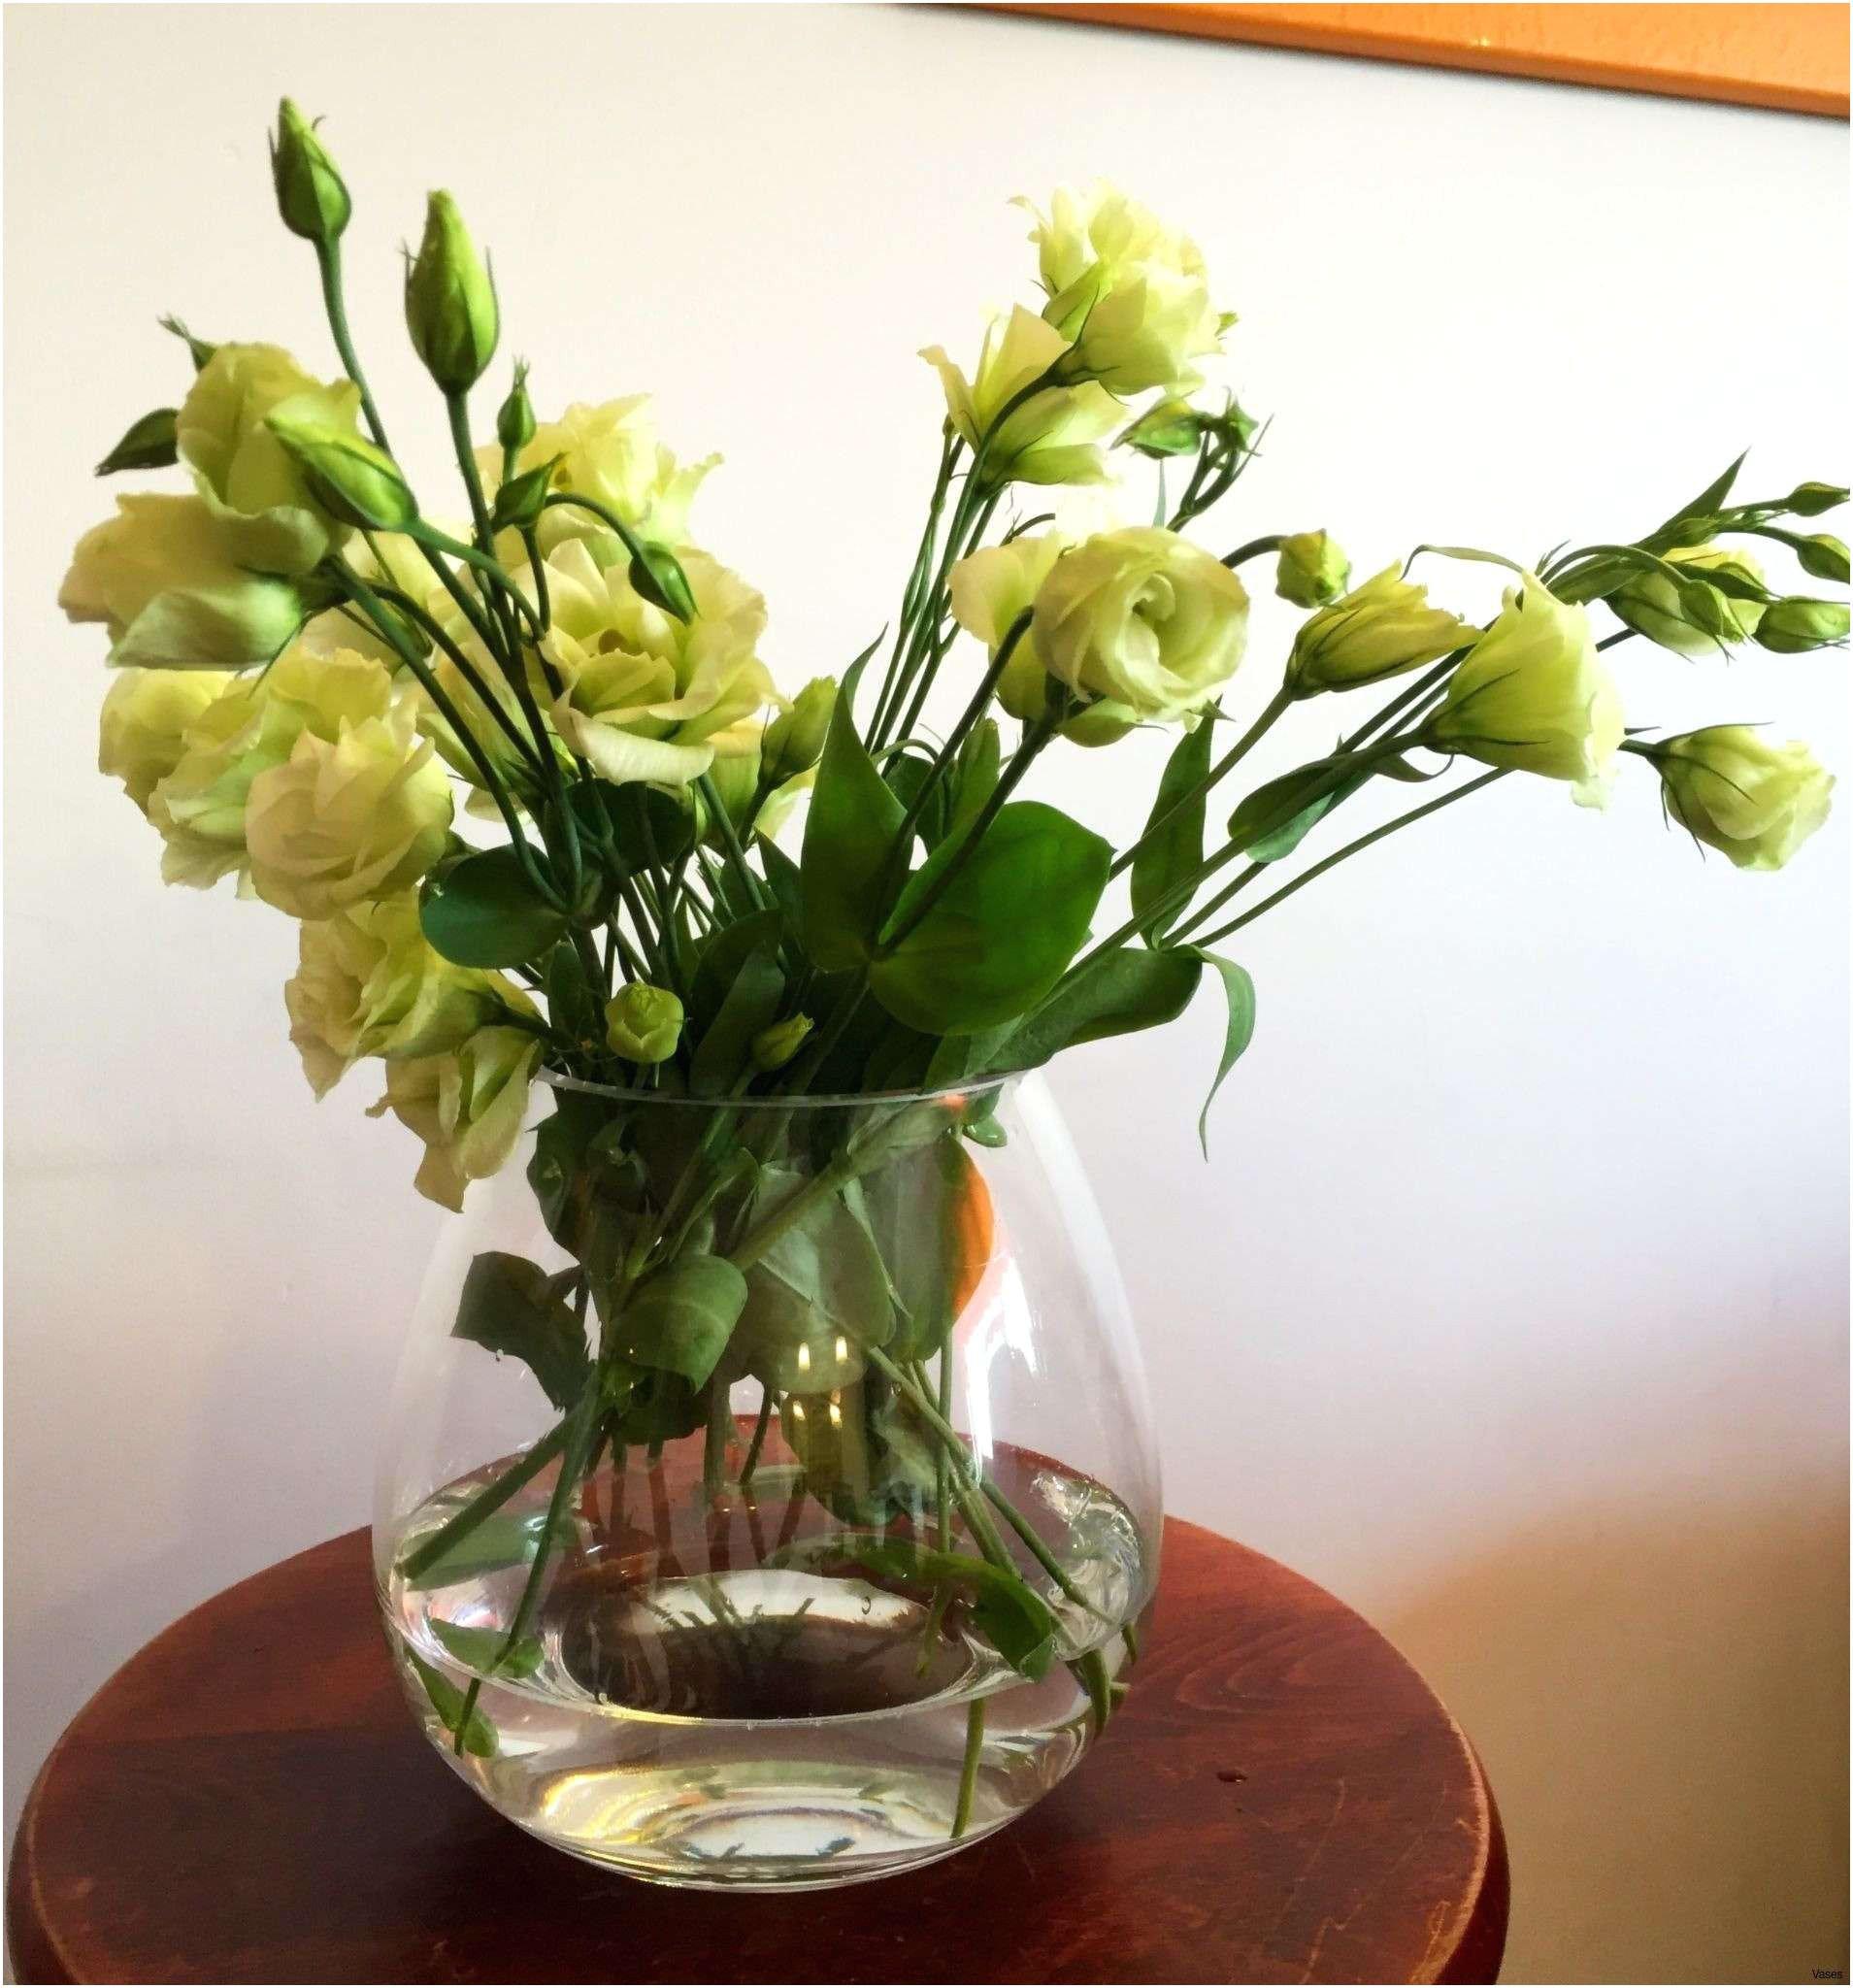 gold rectangle vase of 10 best of vase stand bogekompresorturkiye com pertaining to tiger food phenomenal flower vase table 04h vases tablei 0d clipart dining base end design 1909